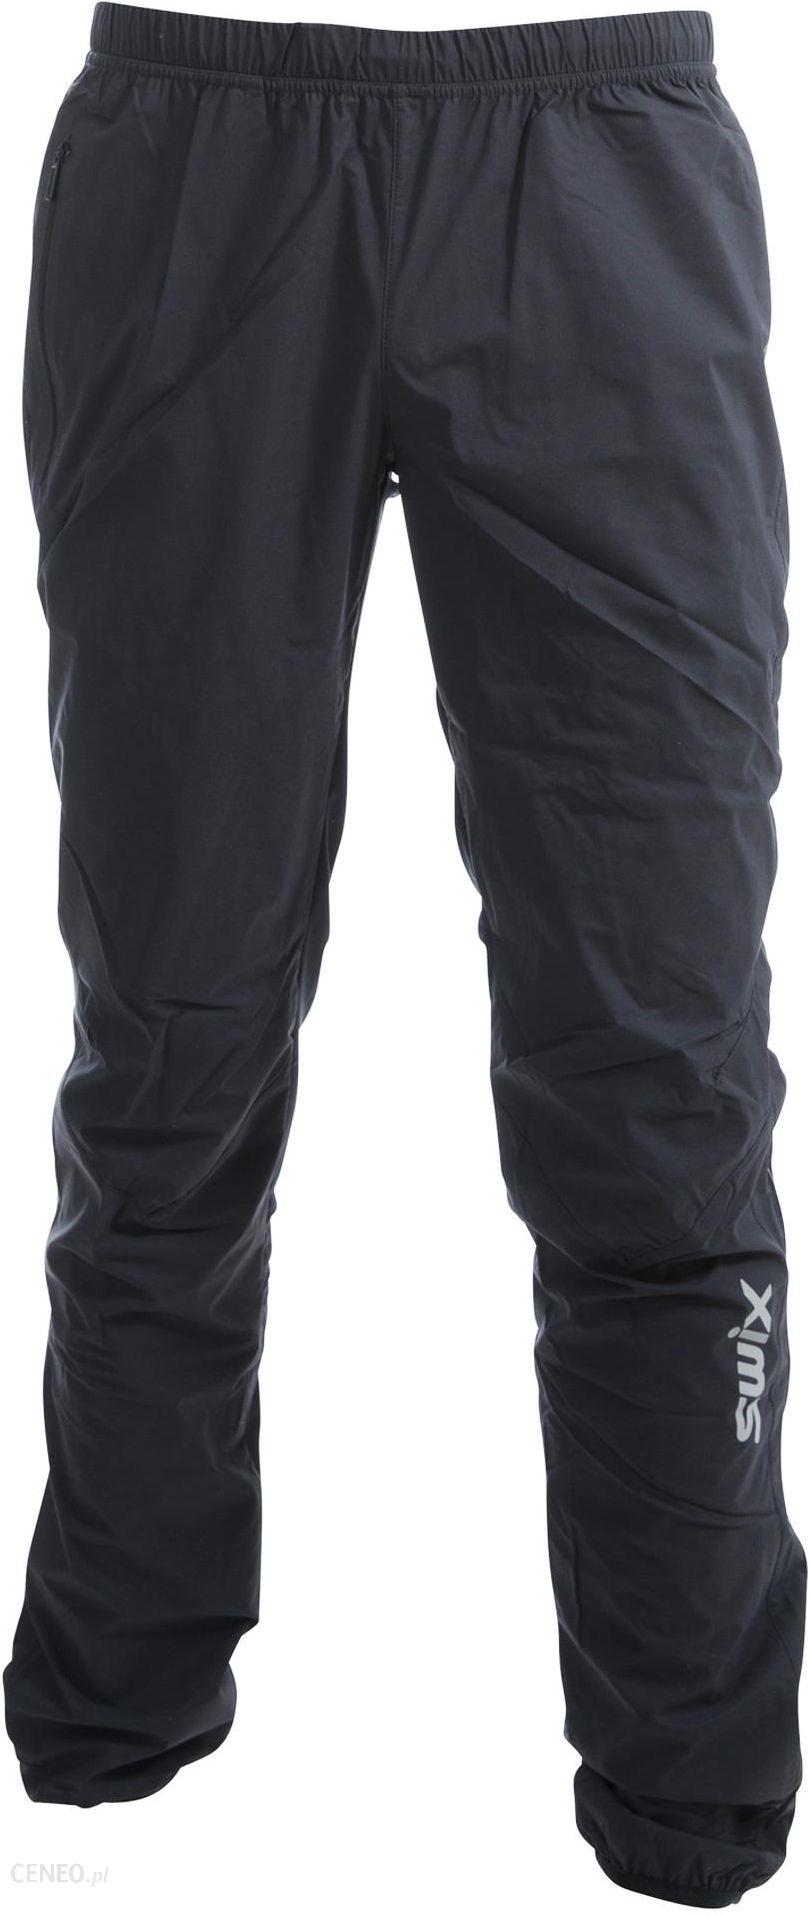 5347fc412 Swix spodnie do narciarstwa biegowego Invincible Black L - Ceny i ...